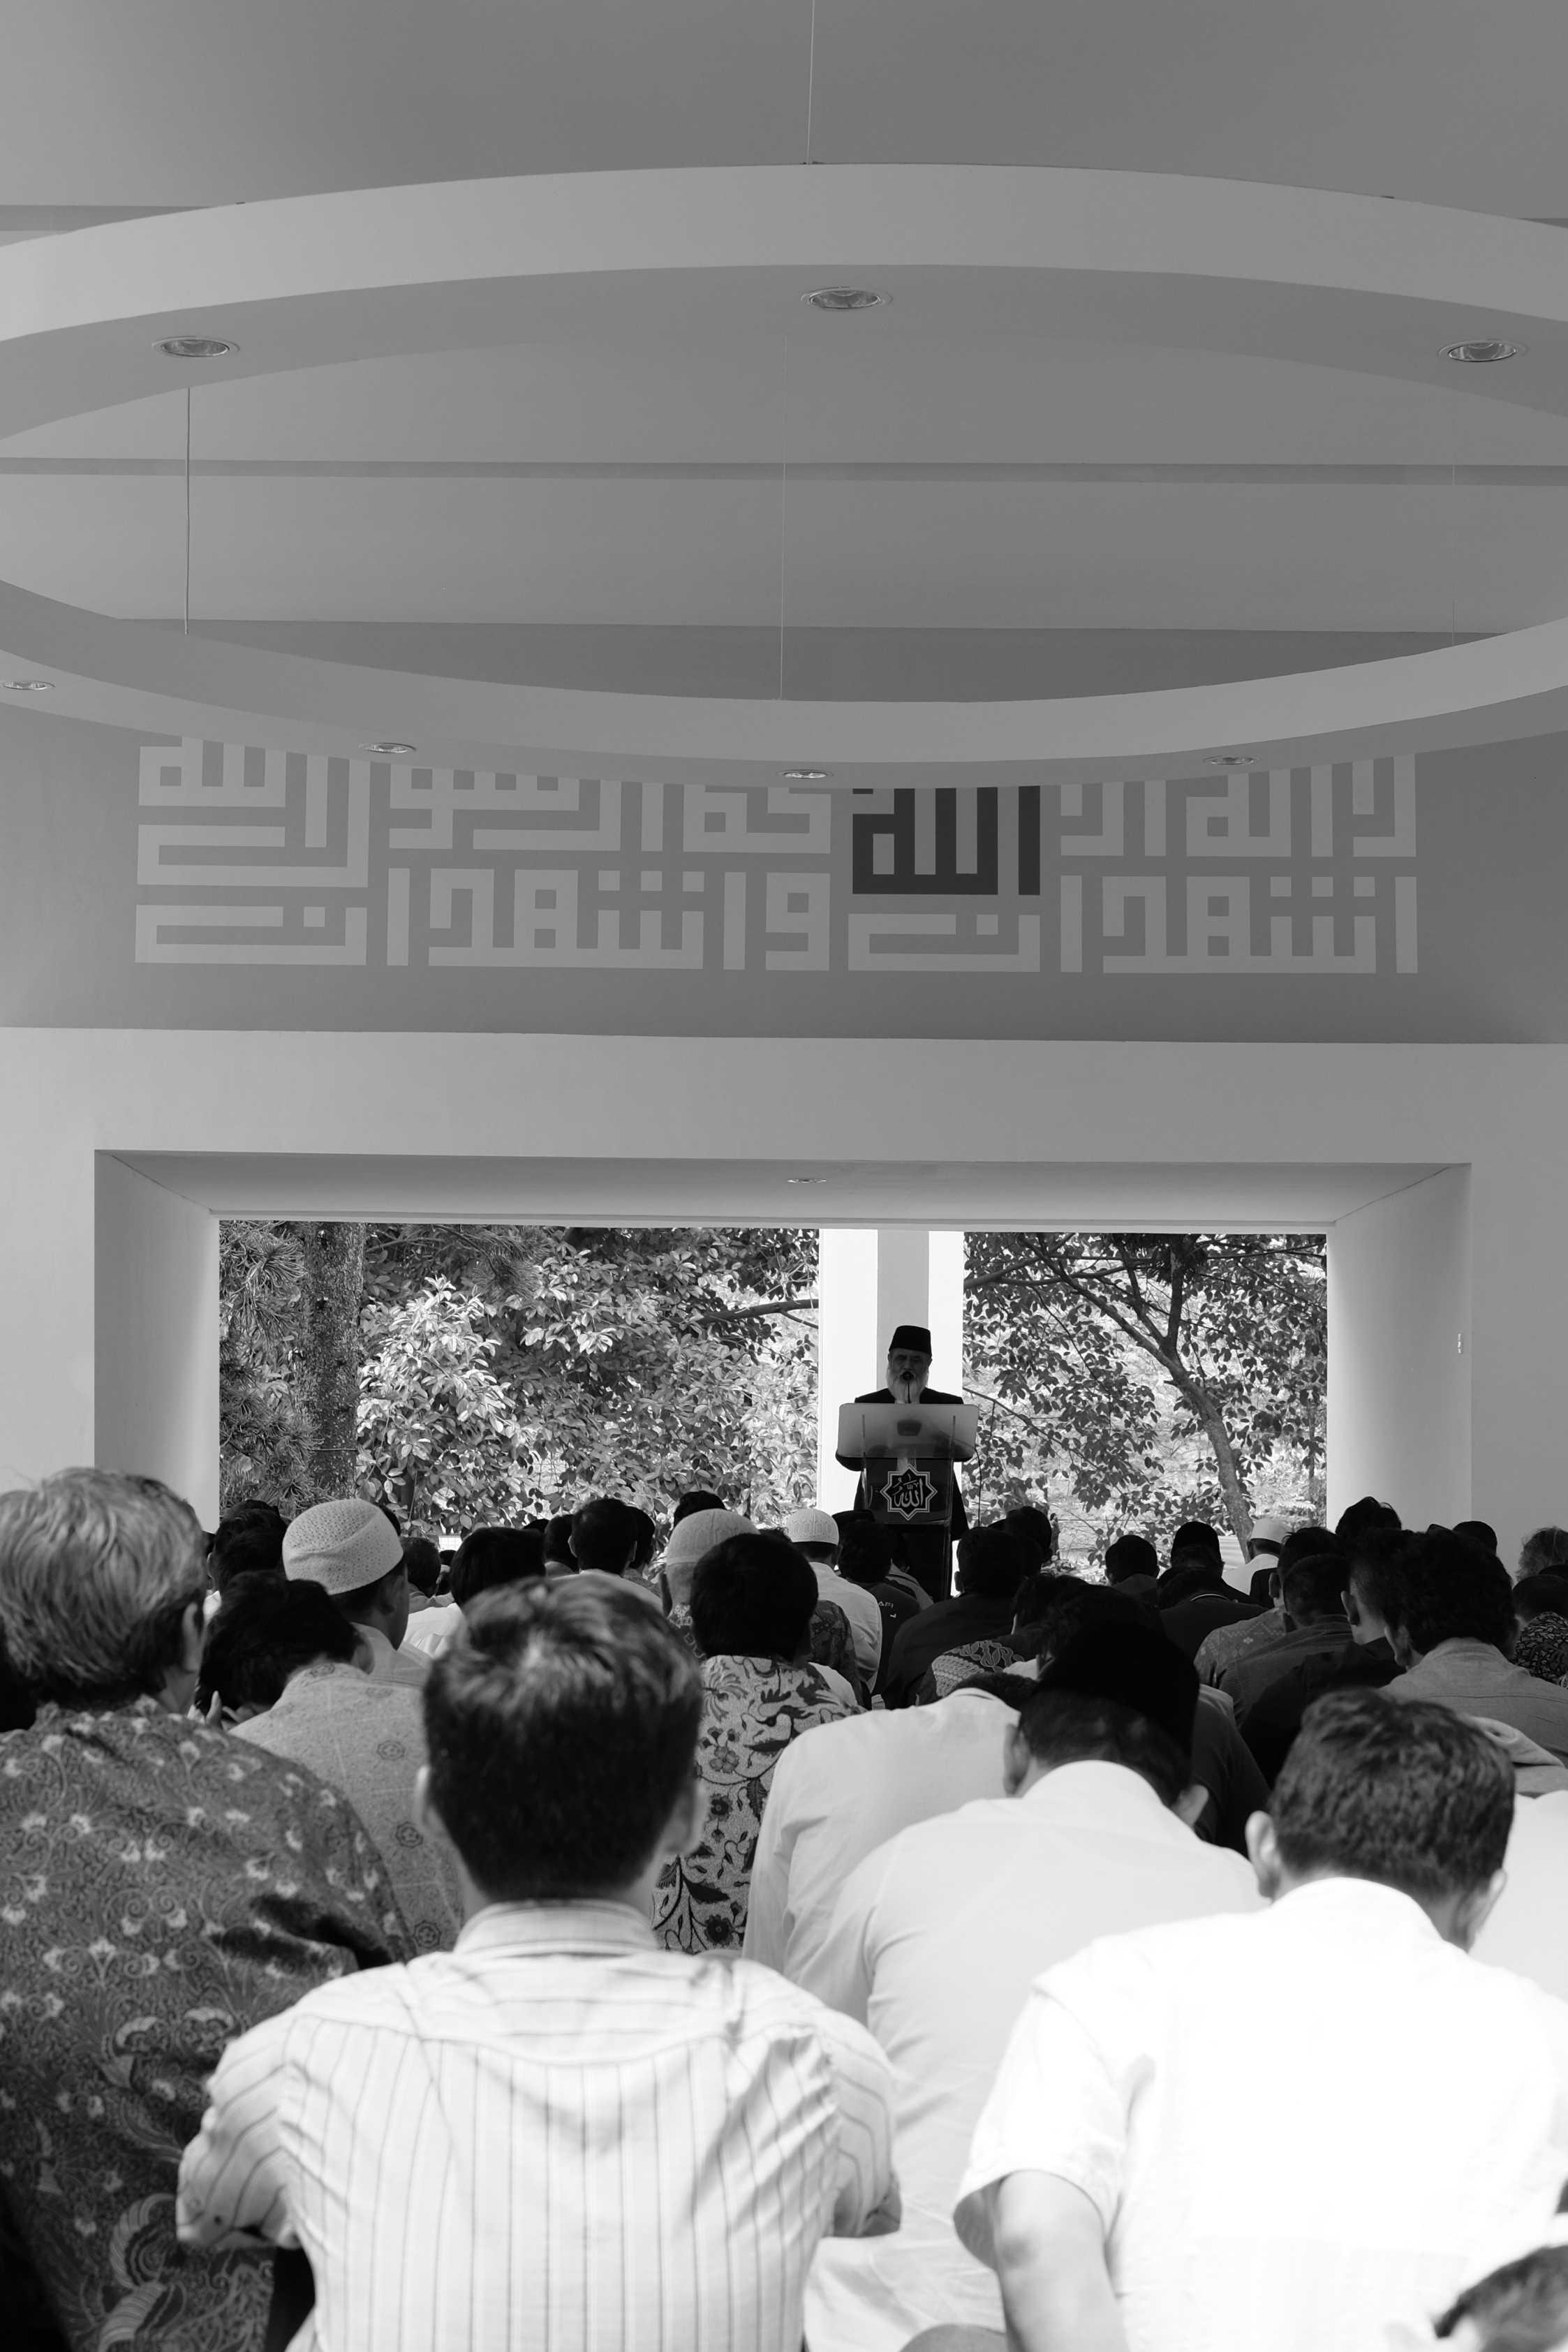 Eki Achmad Rujai Maaimmaskuub Mosque Bandung, Indonesia Bandung, Indonesia Eki-Achmad-Rujai-Maaimmaskuub-Mosque   57164